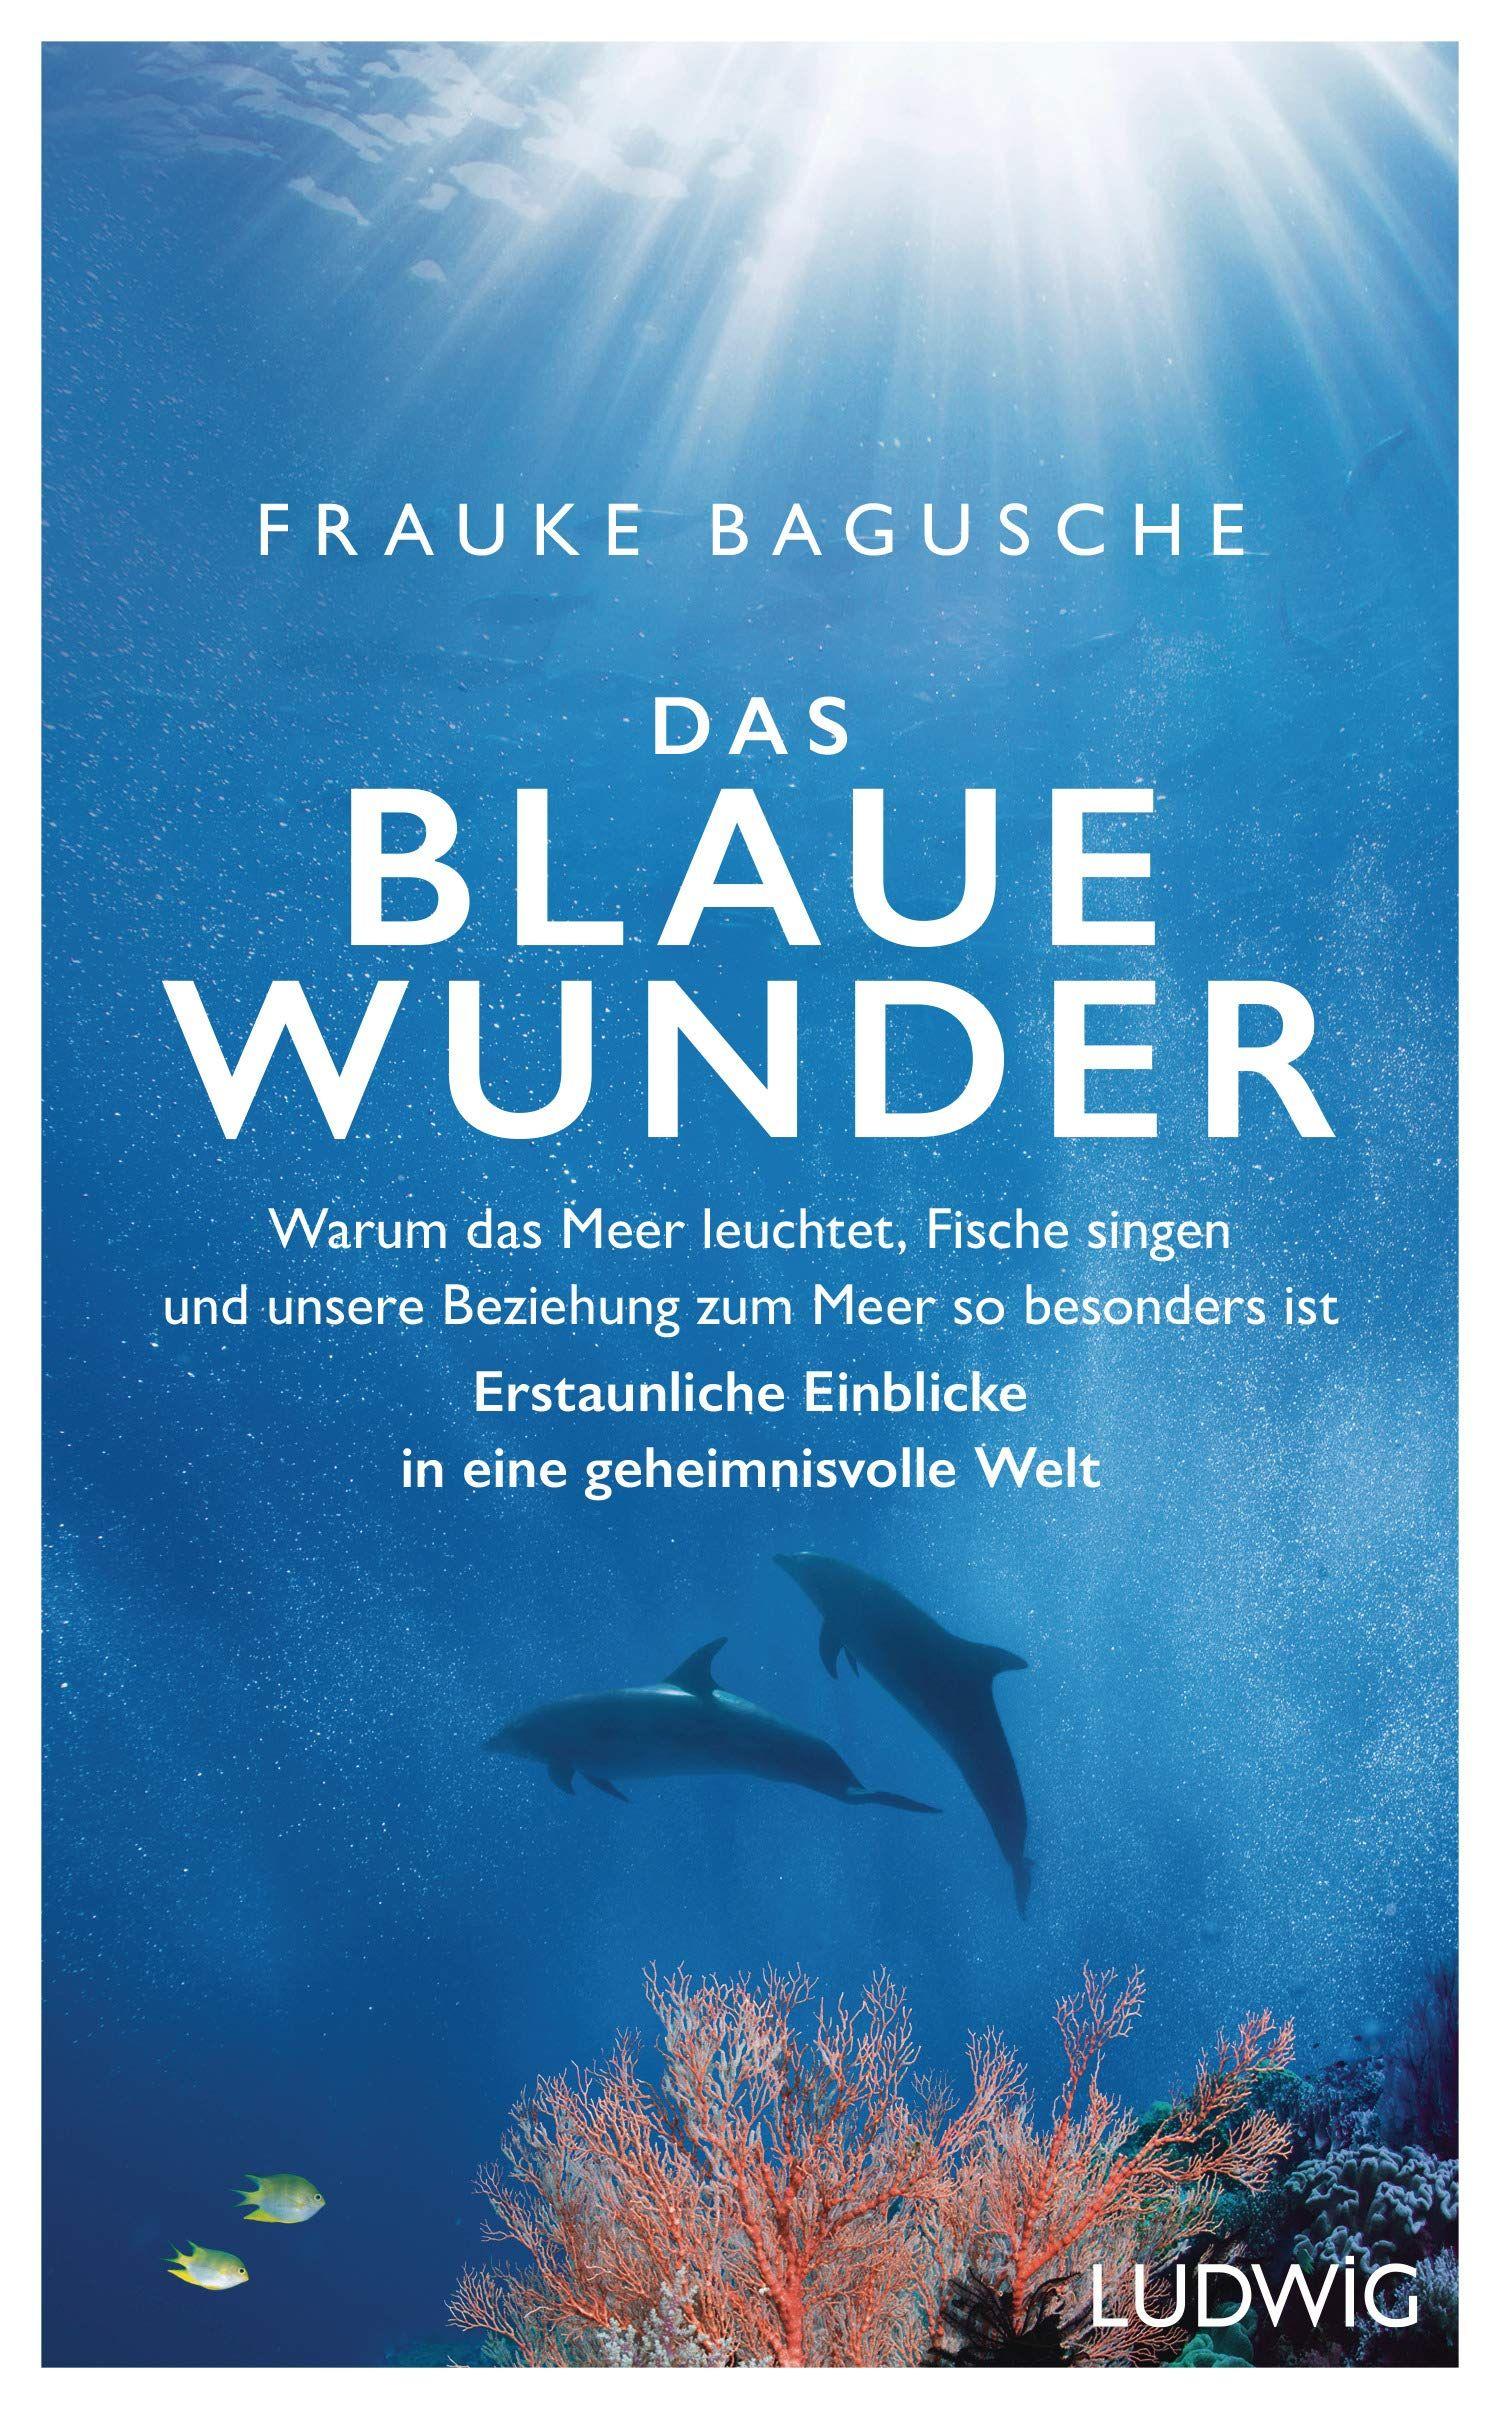 Zum Meer So Besonders Ist A Erstaunliche Einblicke In Eine Geheimnisvolle Welt Architektur Biowissenschaften C Blaues Wunder Geheimnisvoll Buch Bestseller